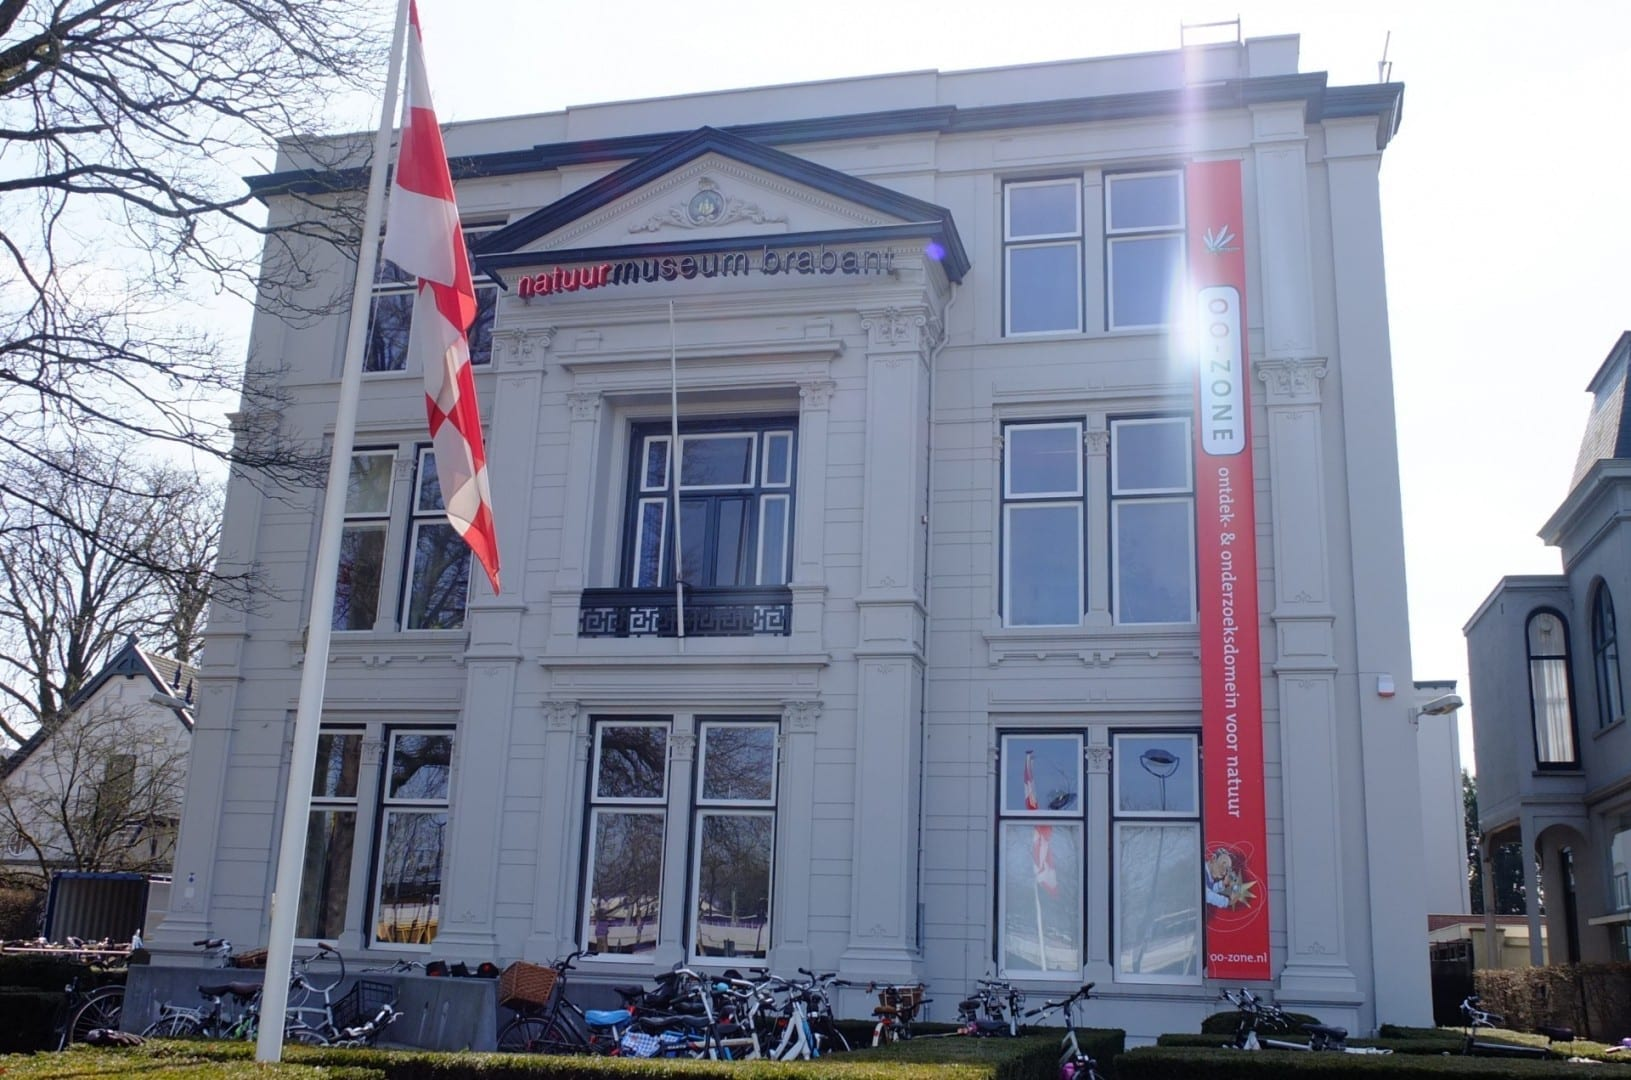 Museo de la naturaleza de Brabante Tilburg Países Bajos